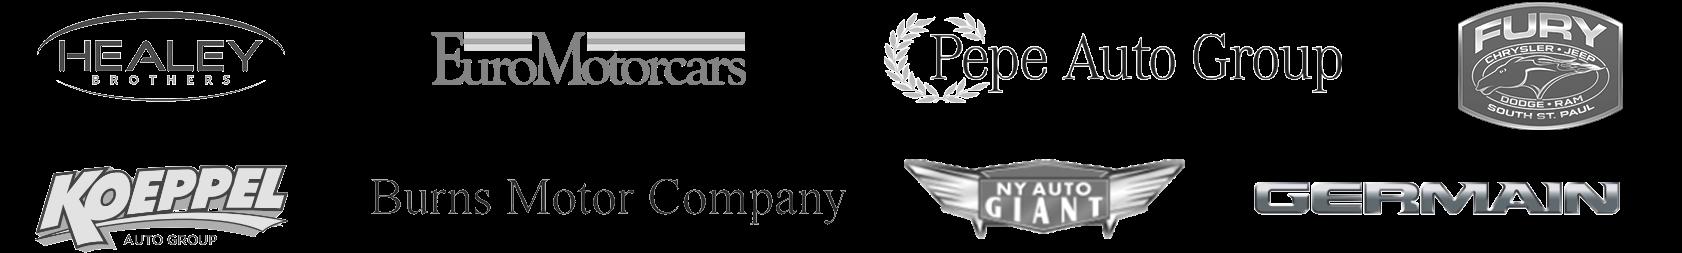 Brands that trust DealerDNA